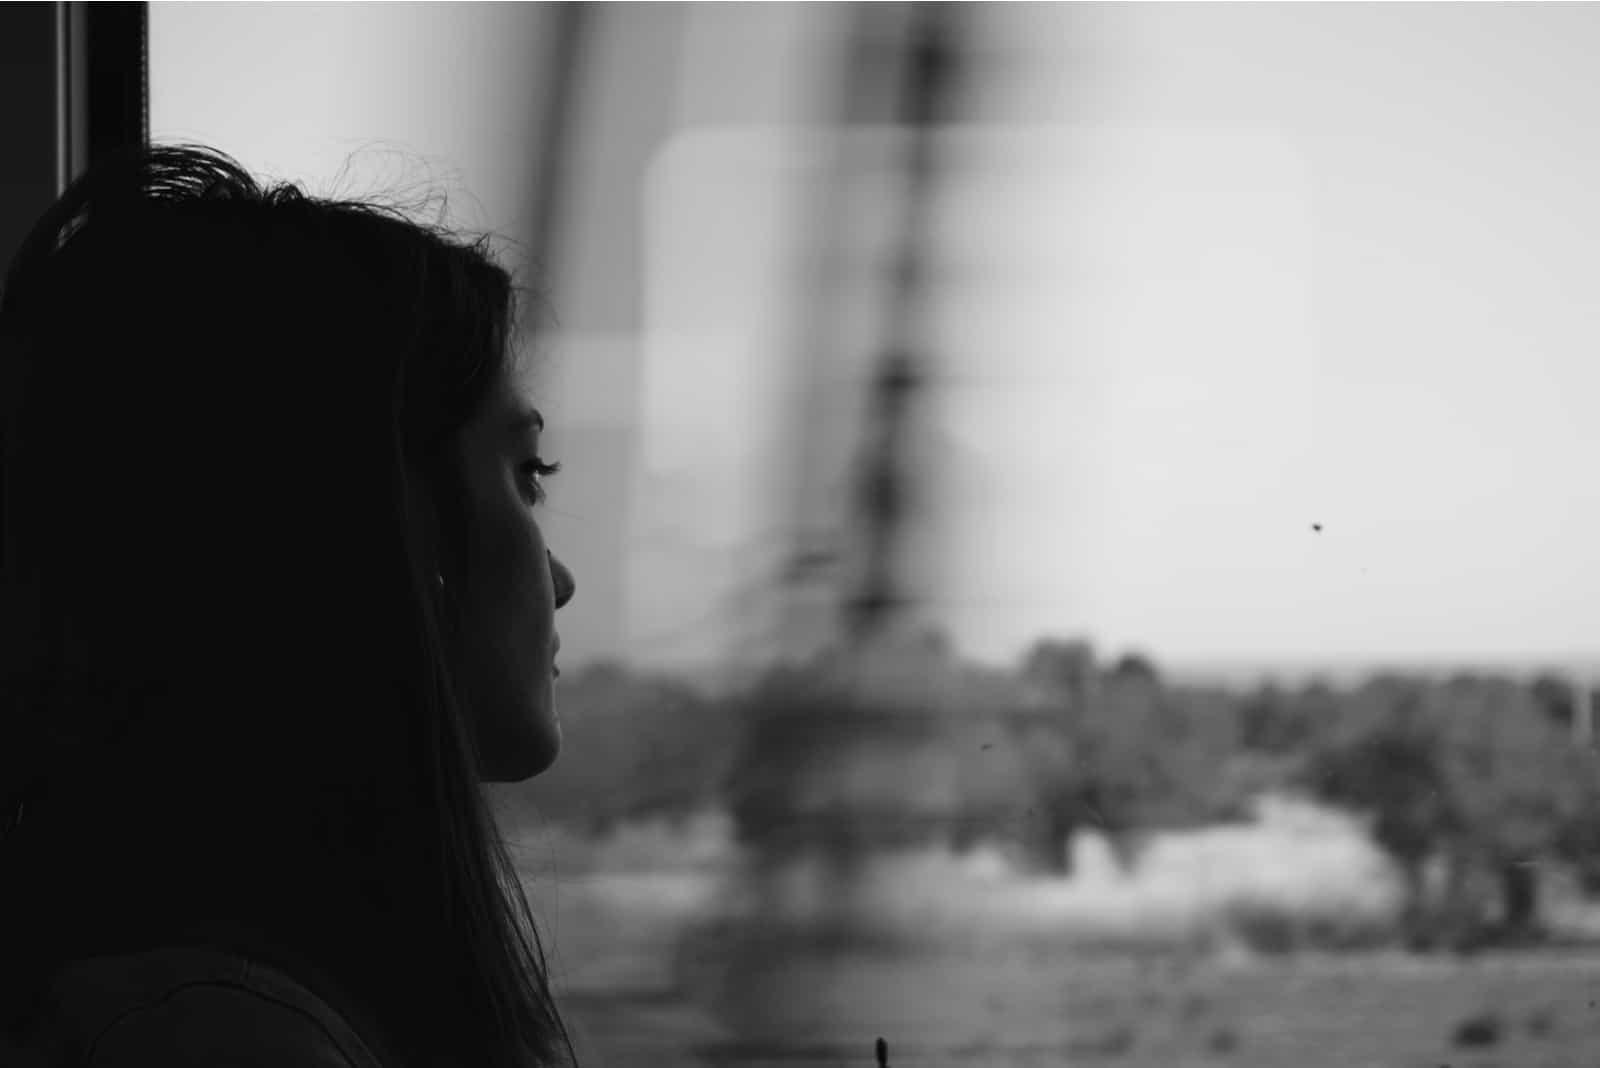 la femme se lève et regarde par la fenêtre